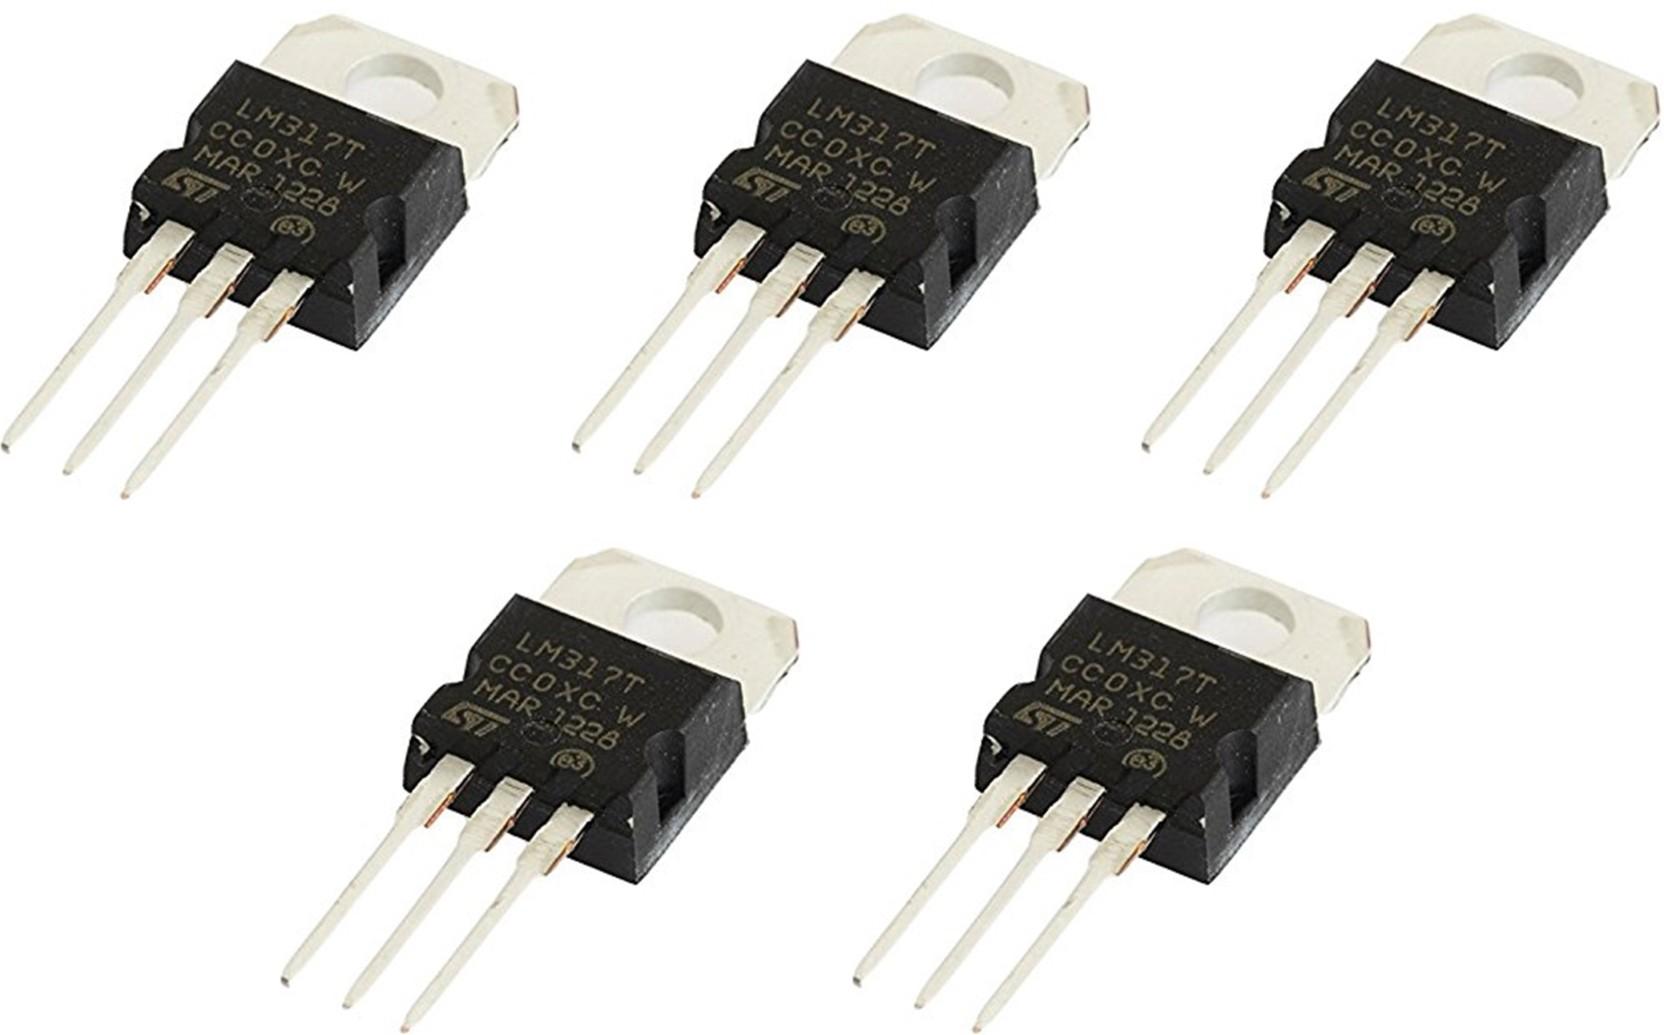 E4u Lm317t 12 To 37v Adjustable Voltage Regulator 220 Package Add Cart